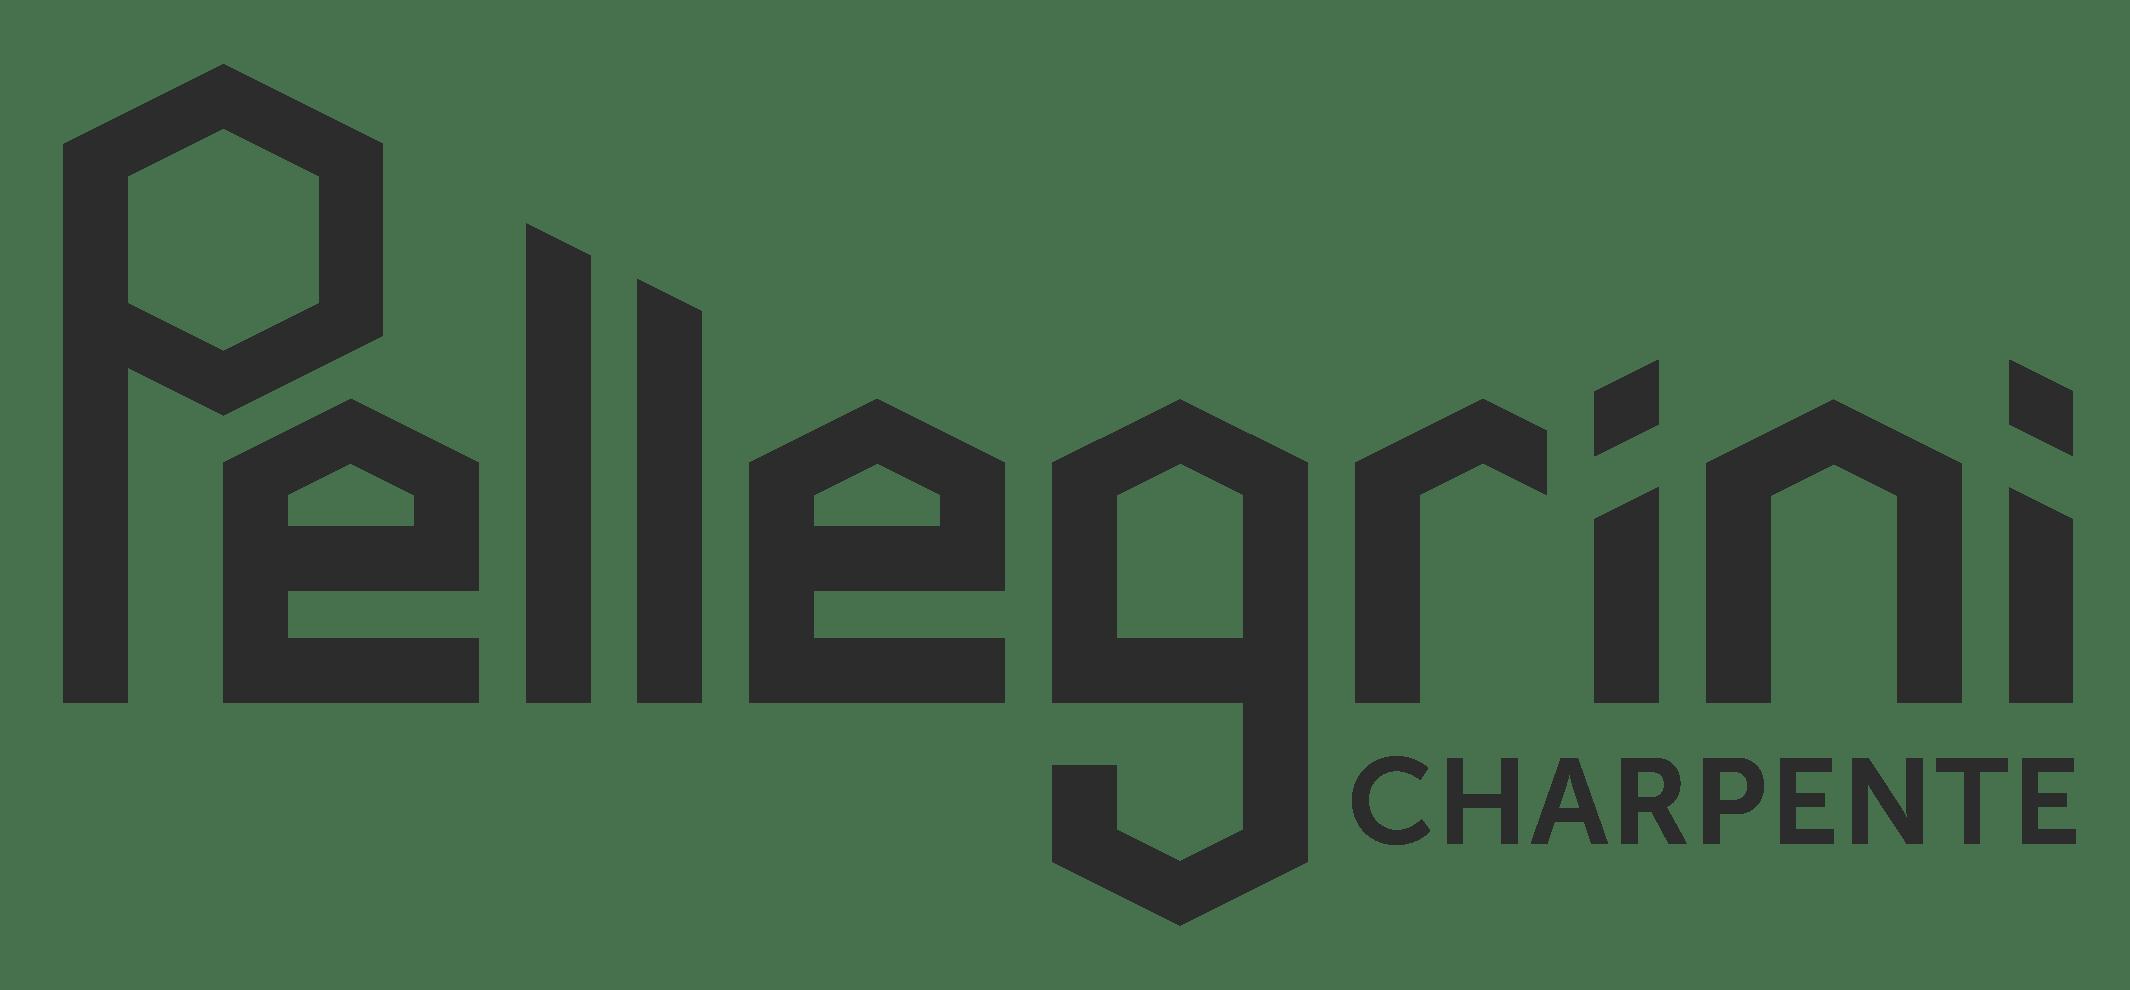 Pellegrini Charpente